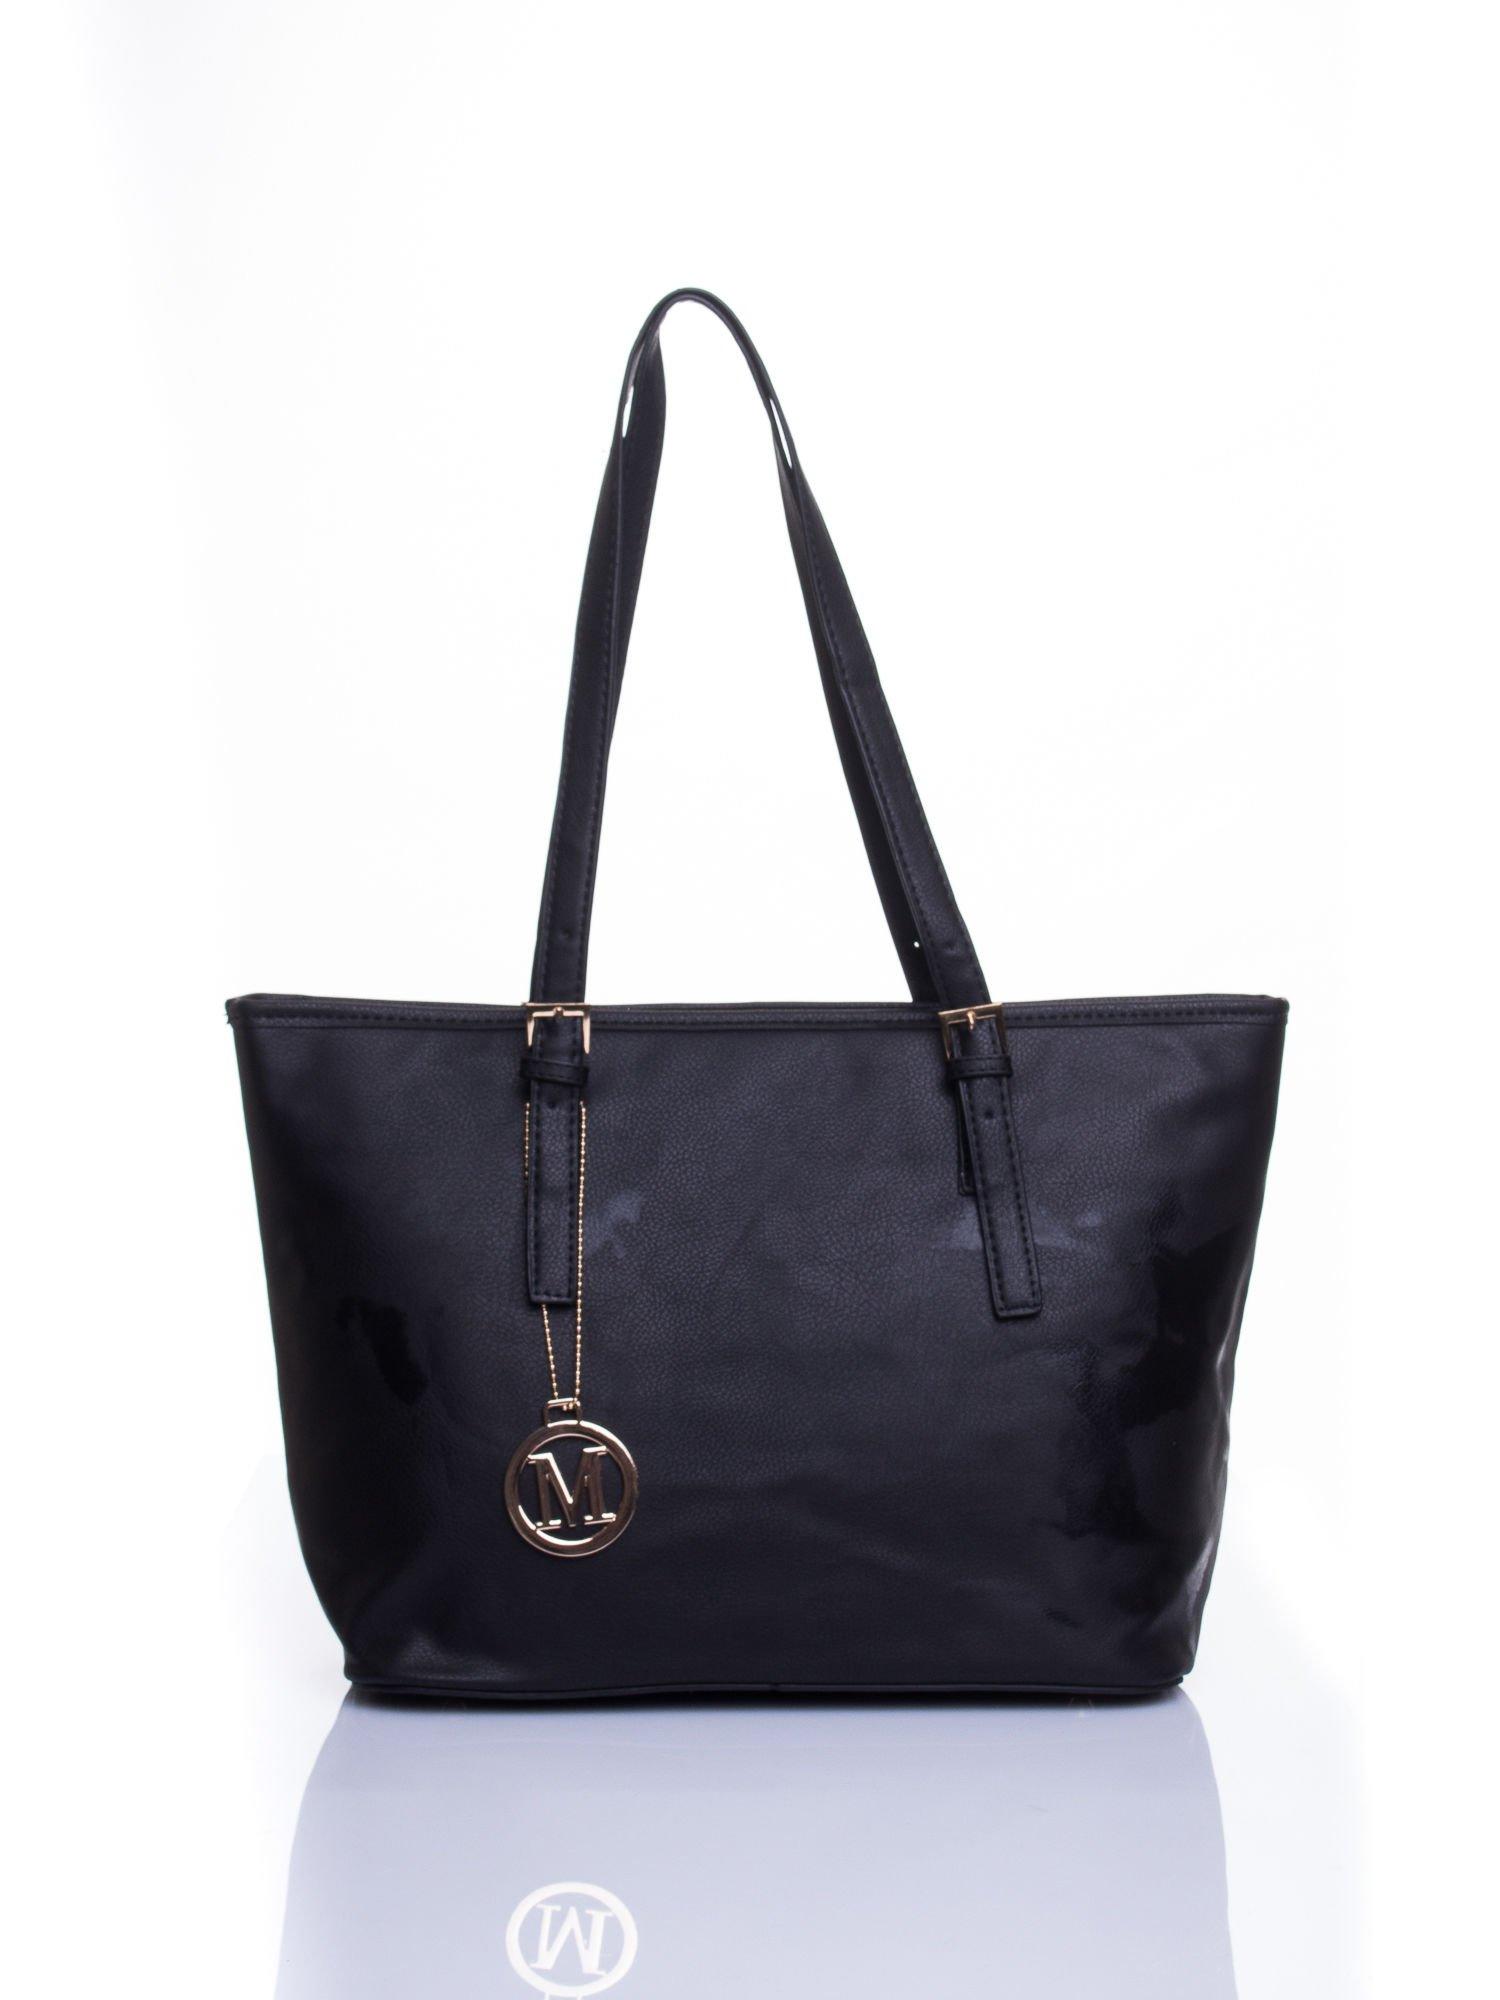 Czarna torba shopper bag z regulowanymi rączkami                                  zdj.                                  1